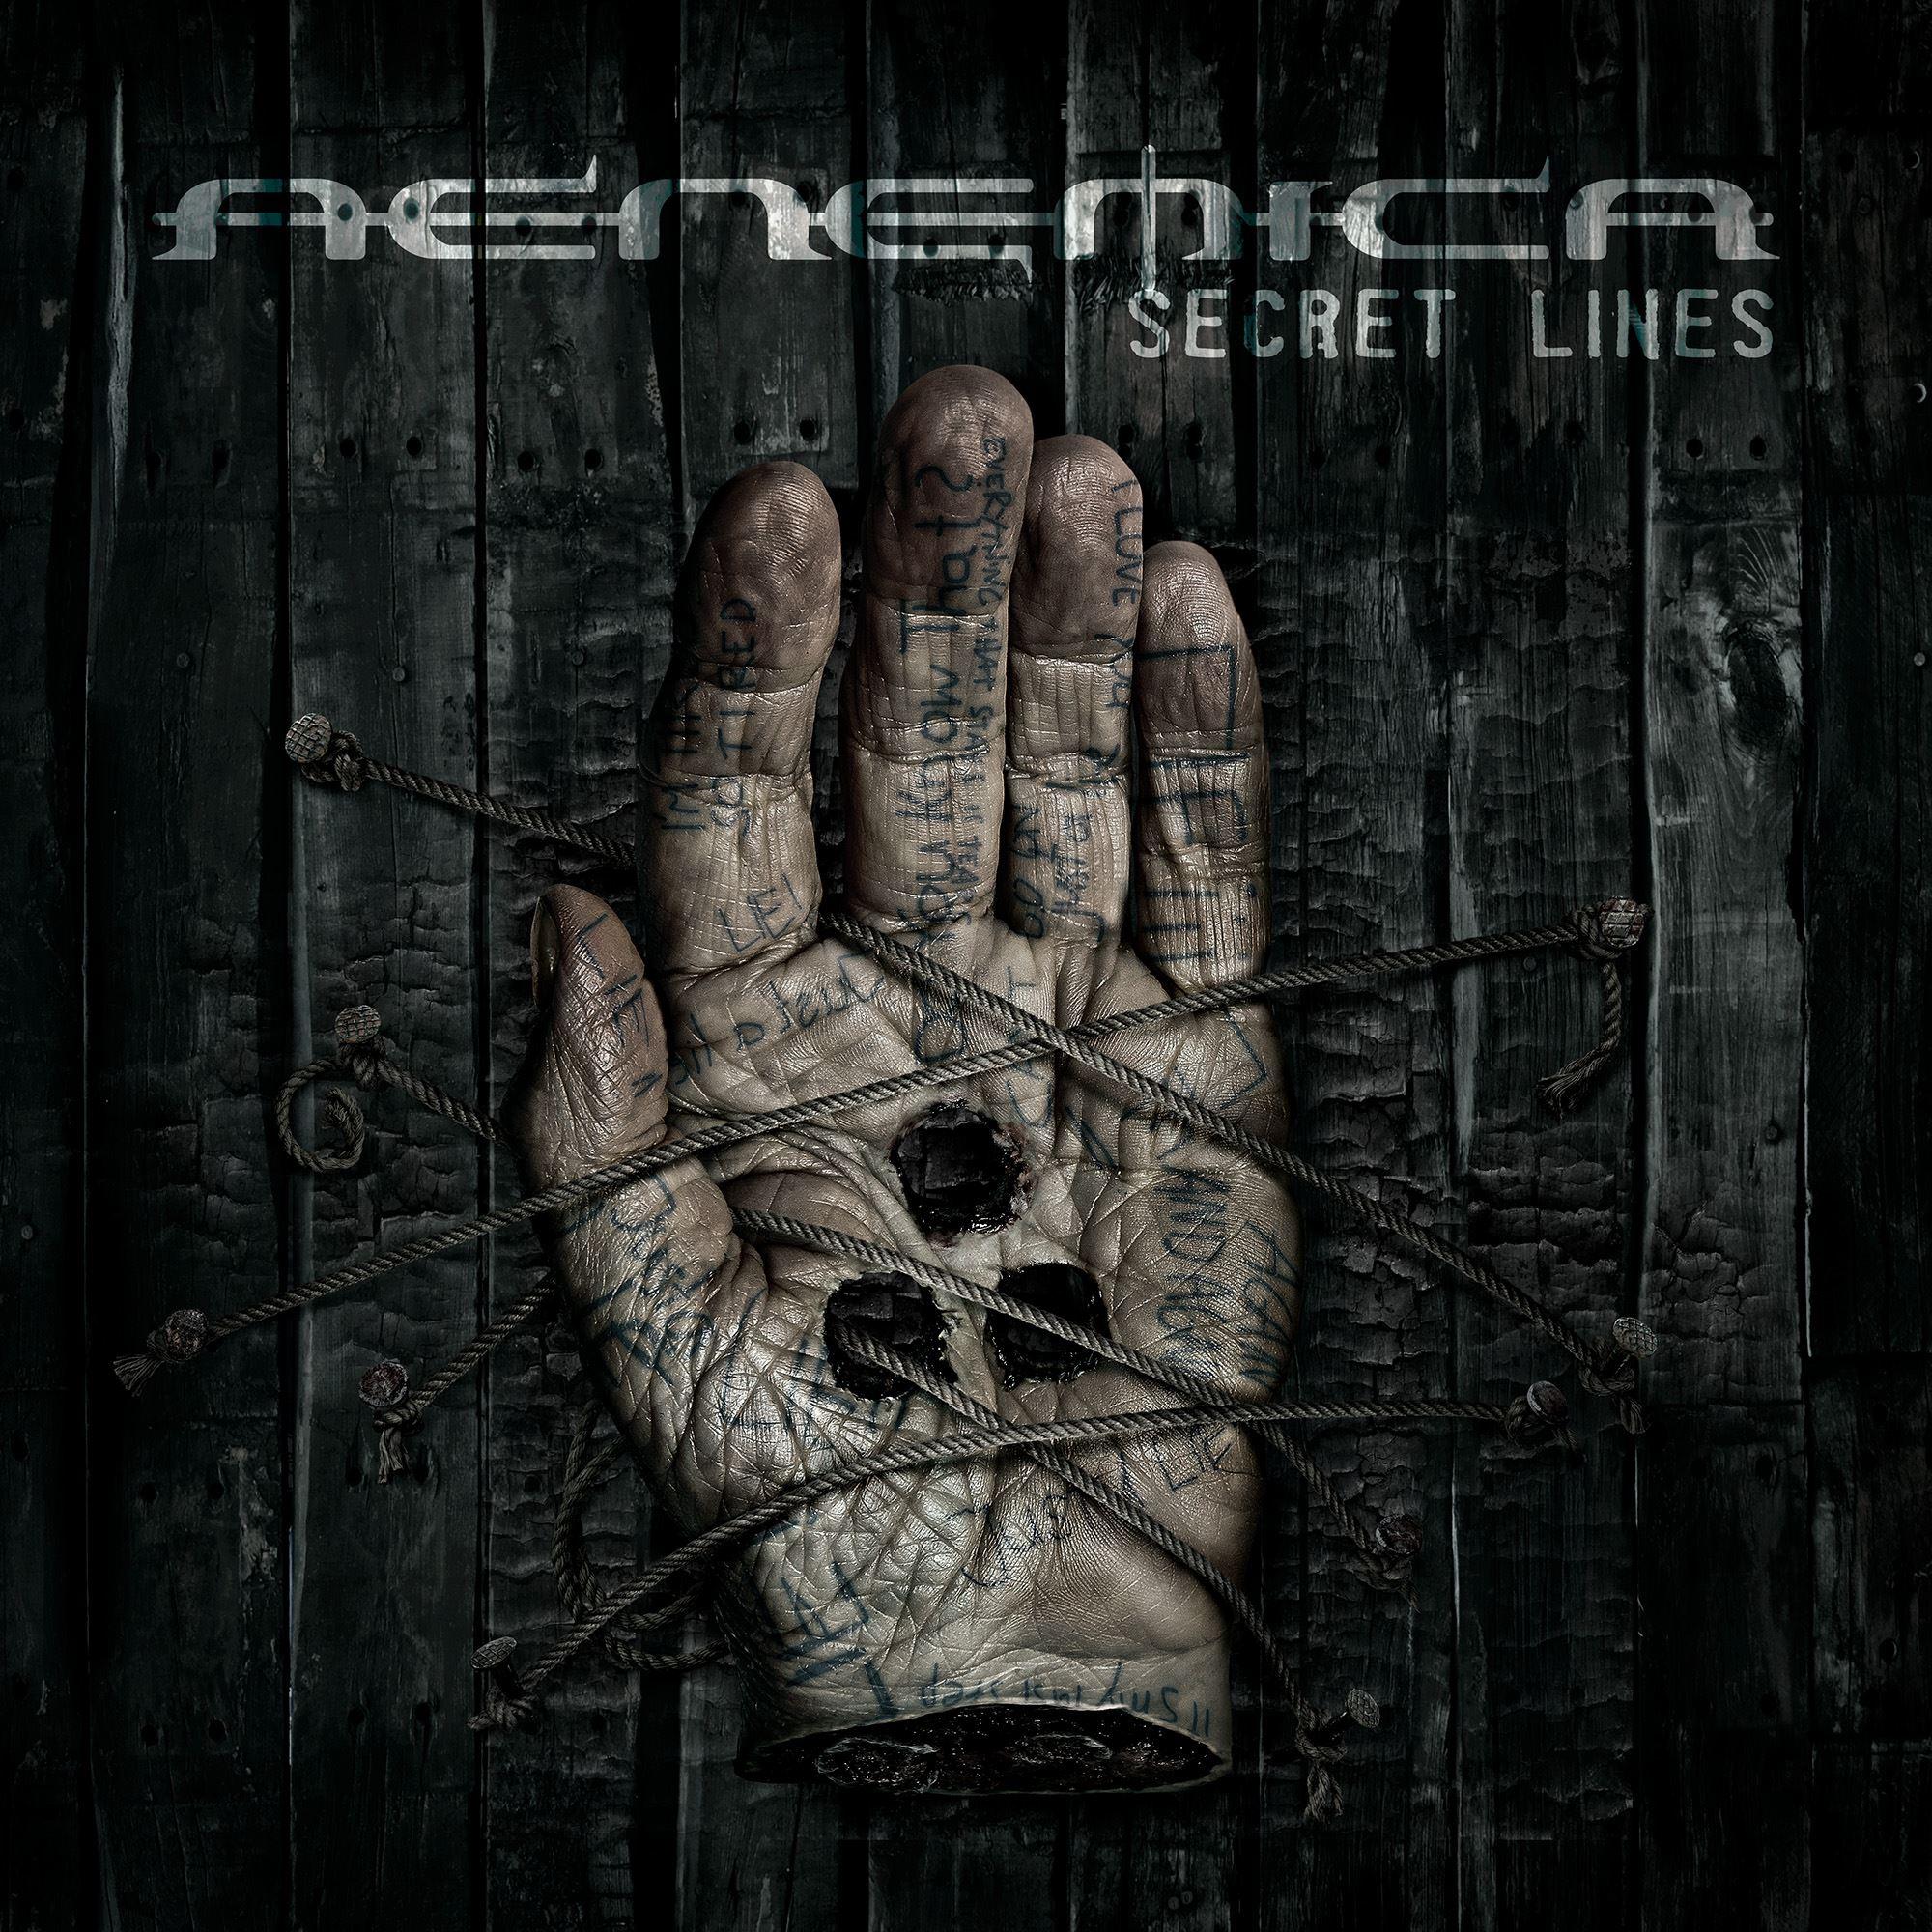 aenemica-secret-lines-dranbleiben-lohnt-sich-album-review